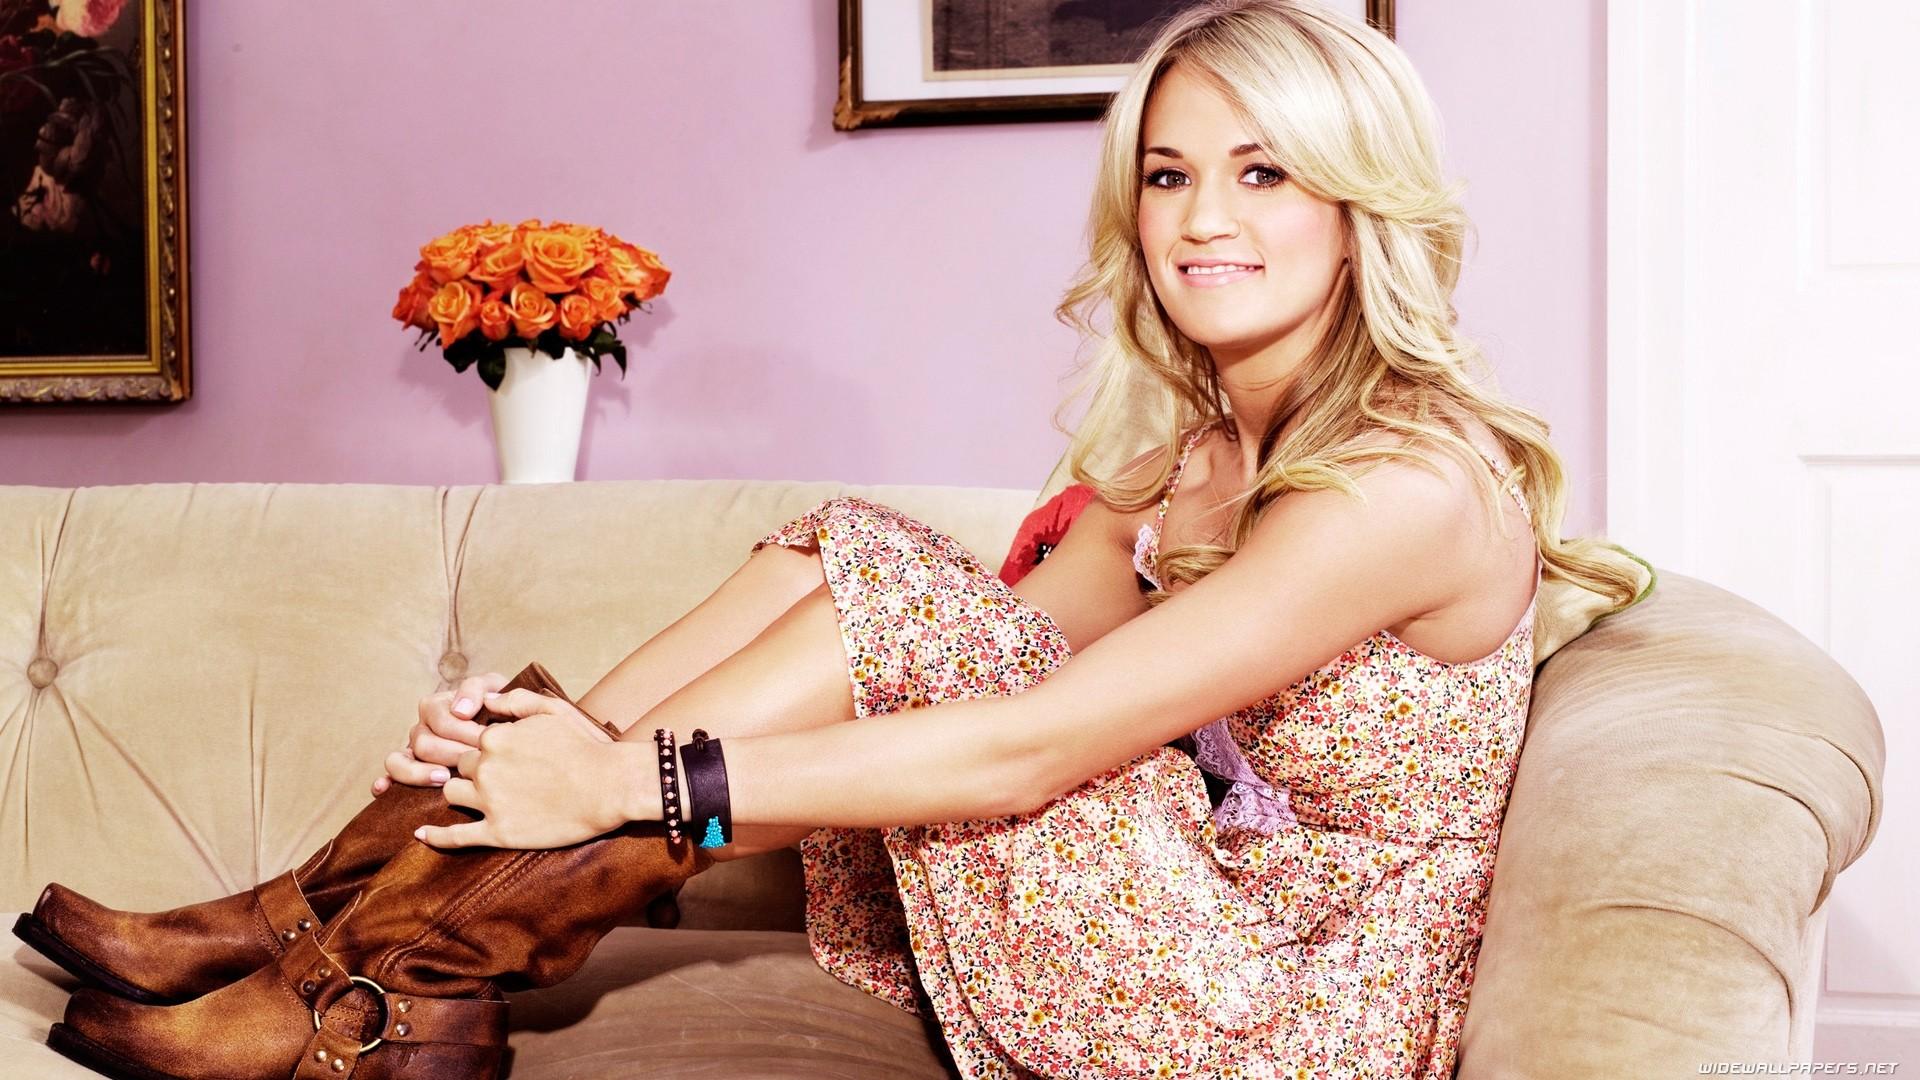 Carrie Underwood full wallpaper